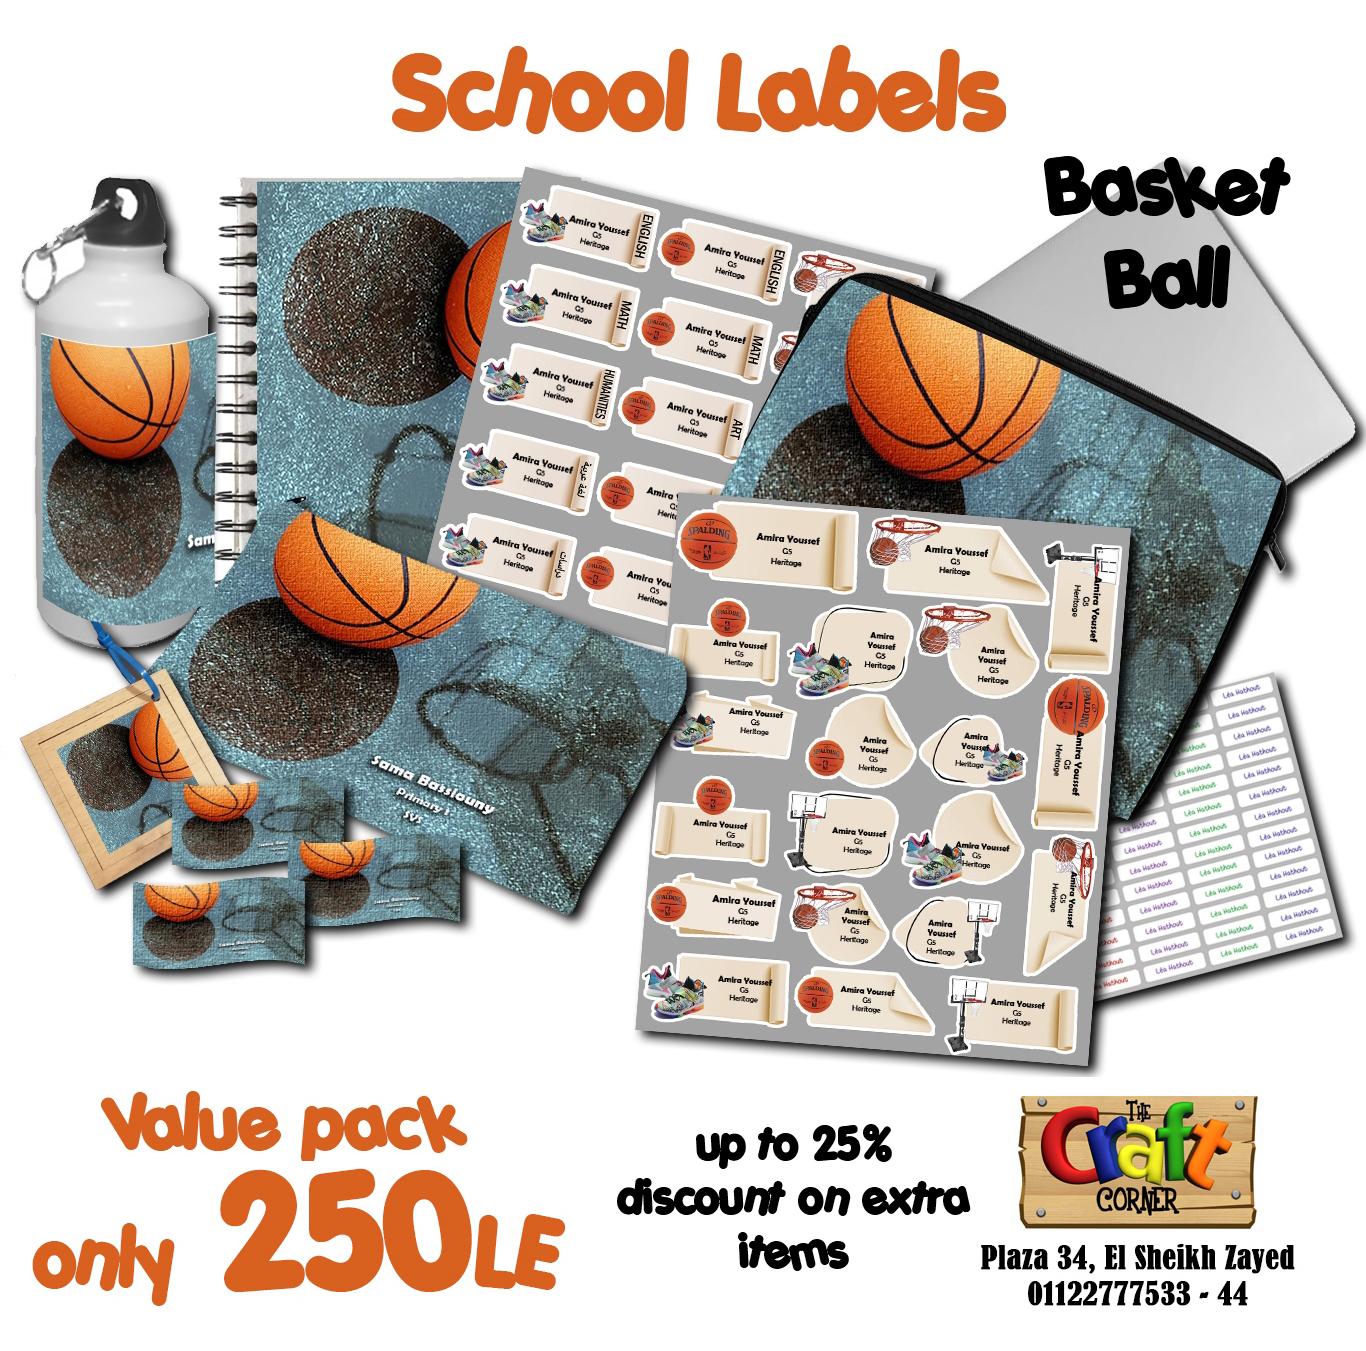 Basket ball ad small